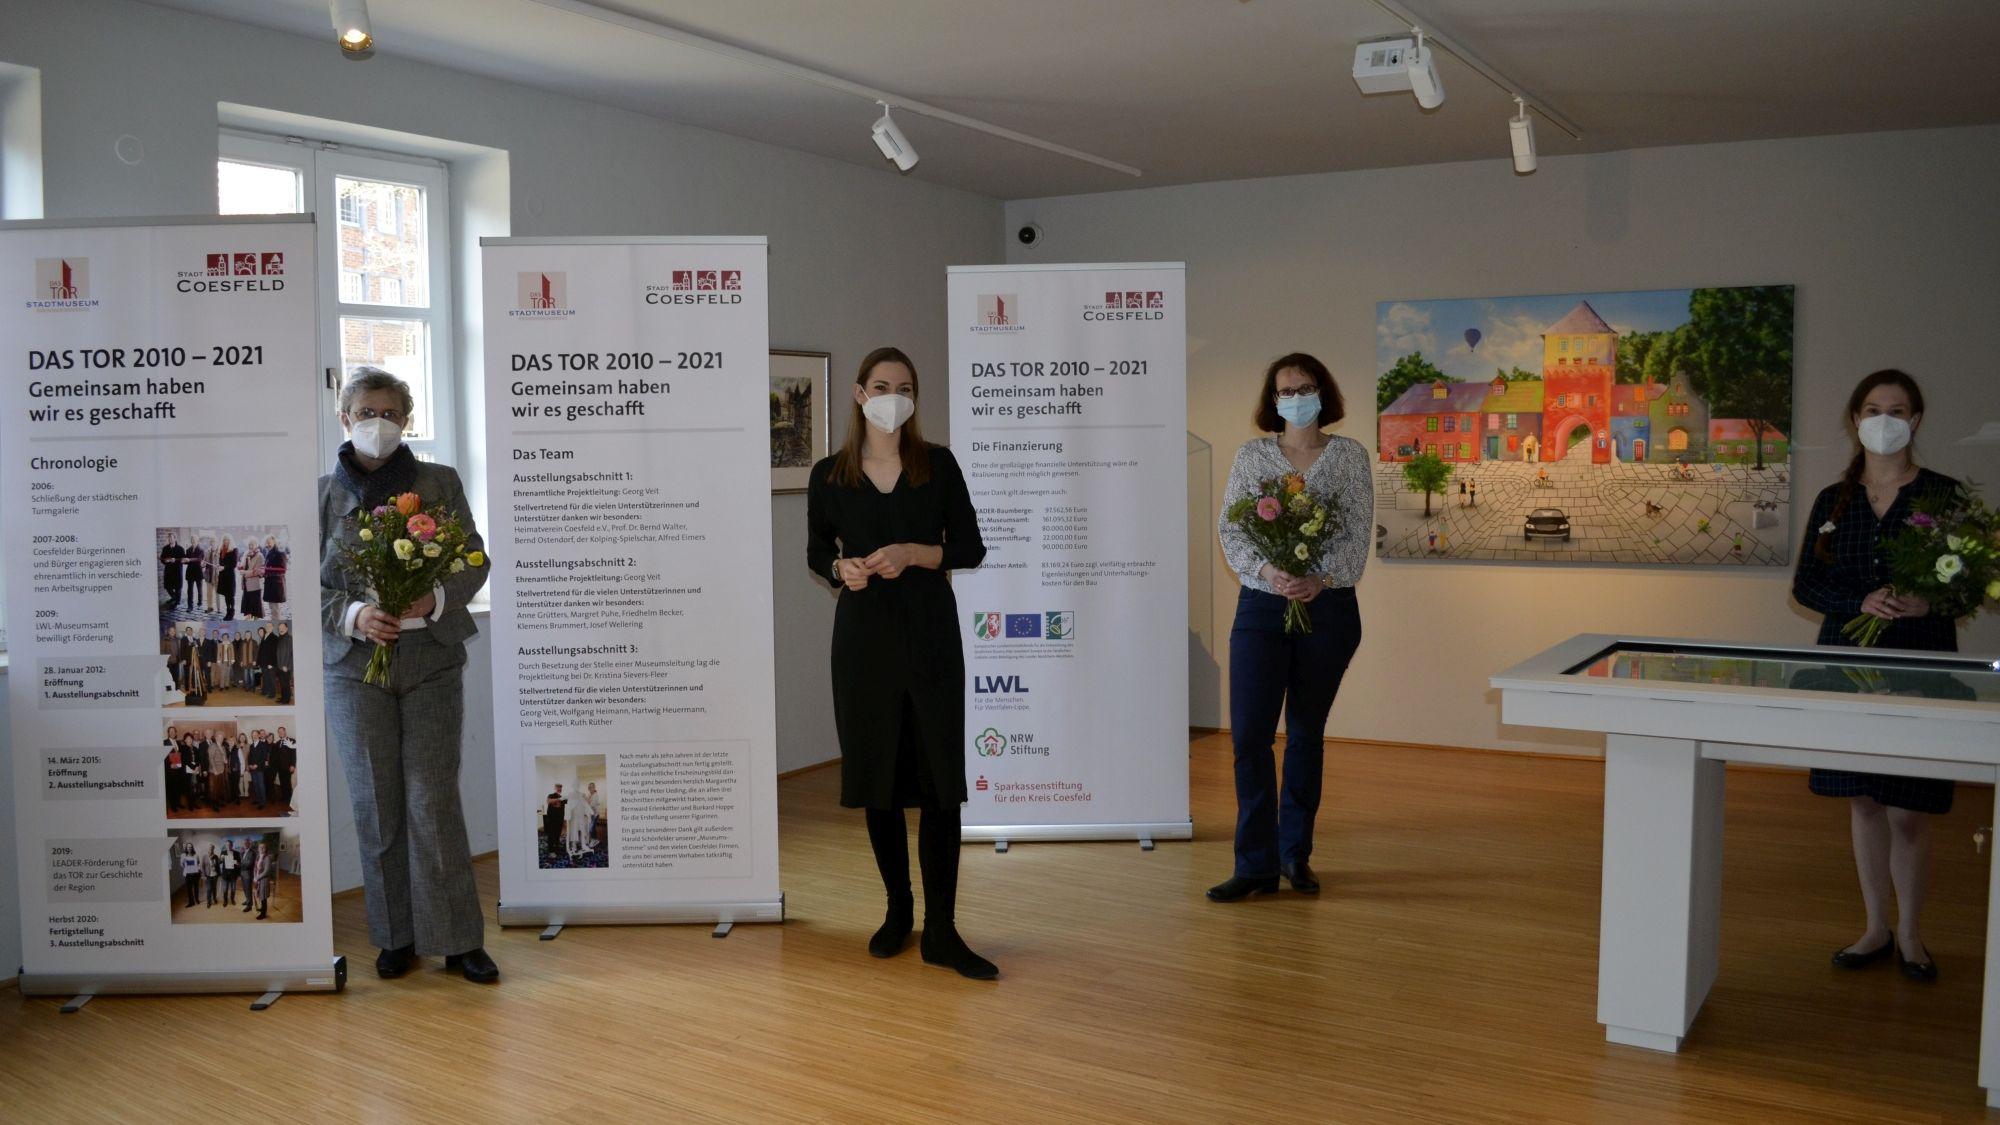 Stadtmuseum DAS TOR: Letzter Bauabschnitt fertig gestellt